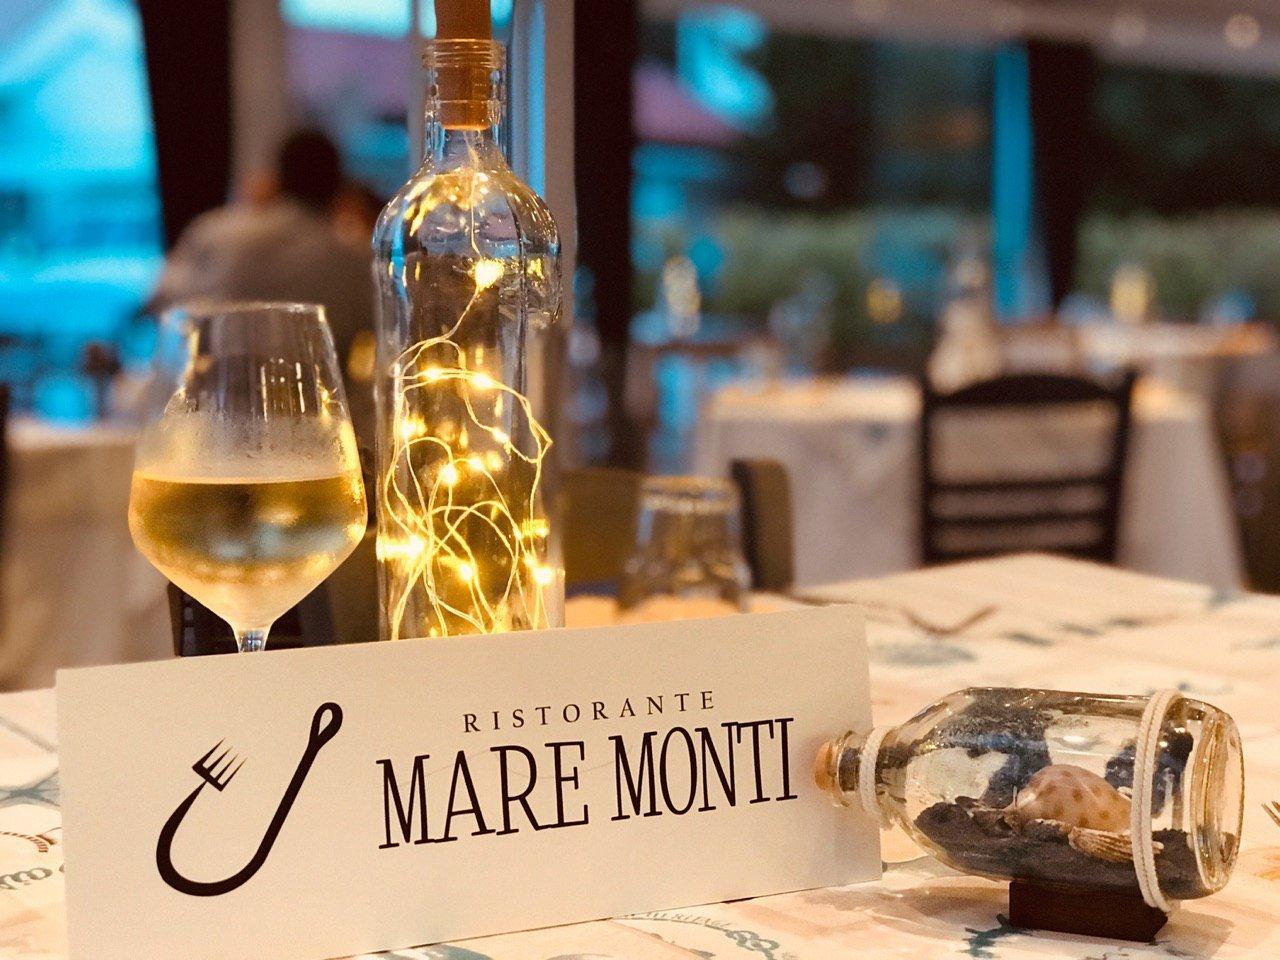 Things To Do in Italian, Restaurants in Italian